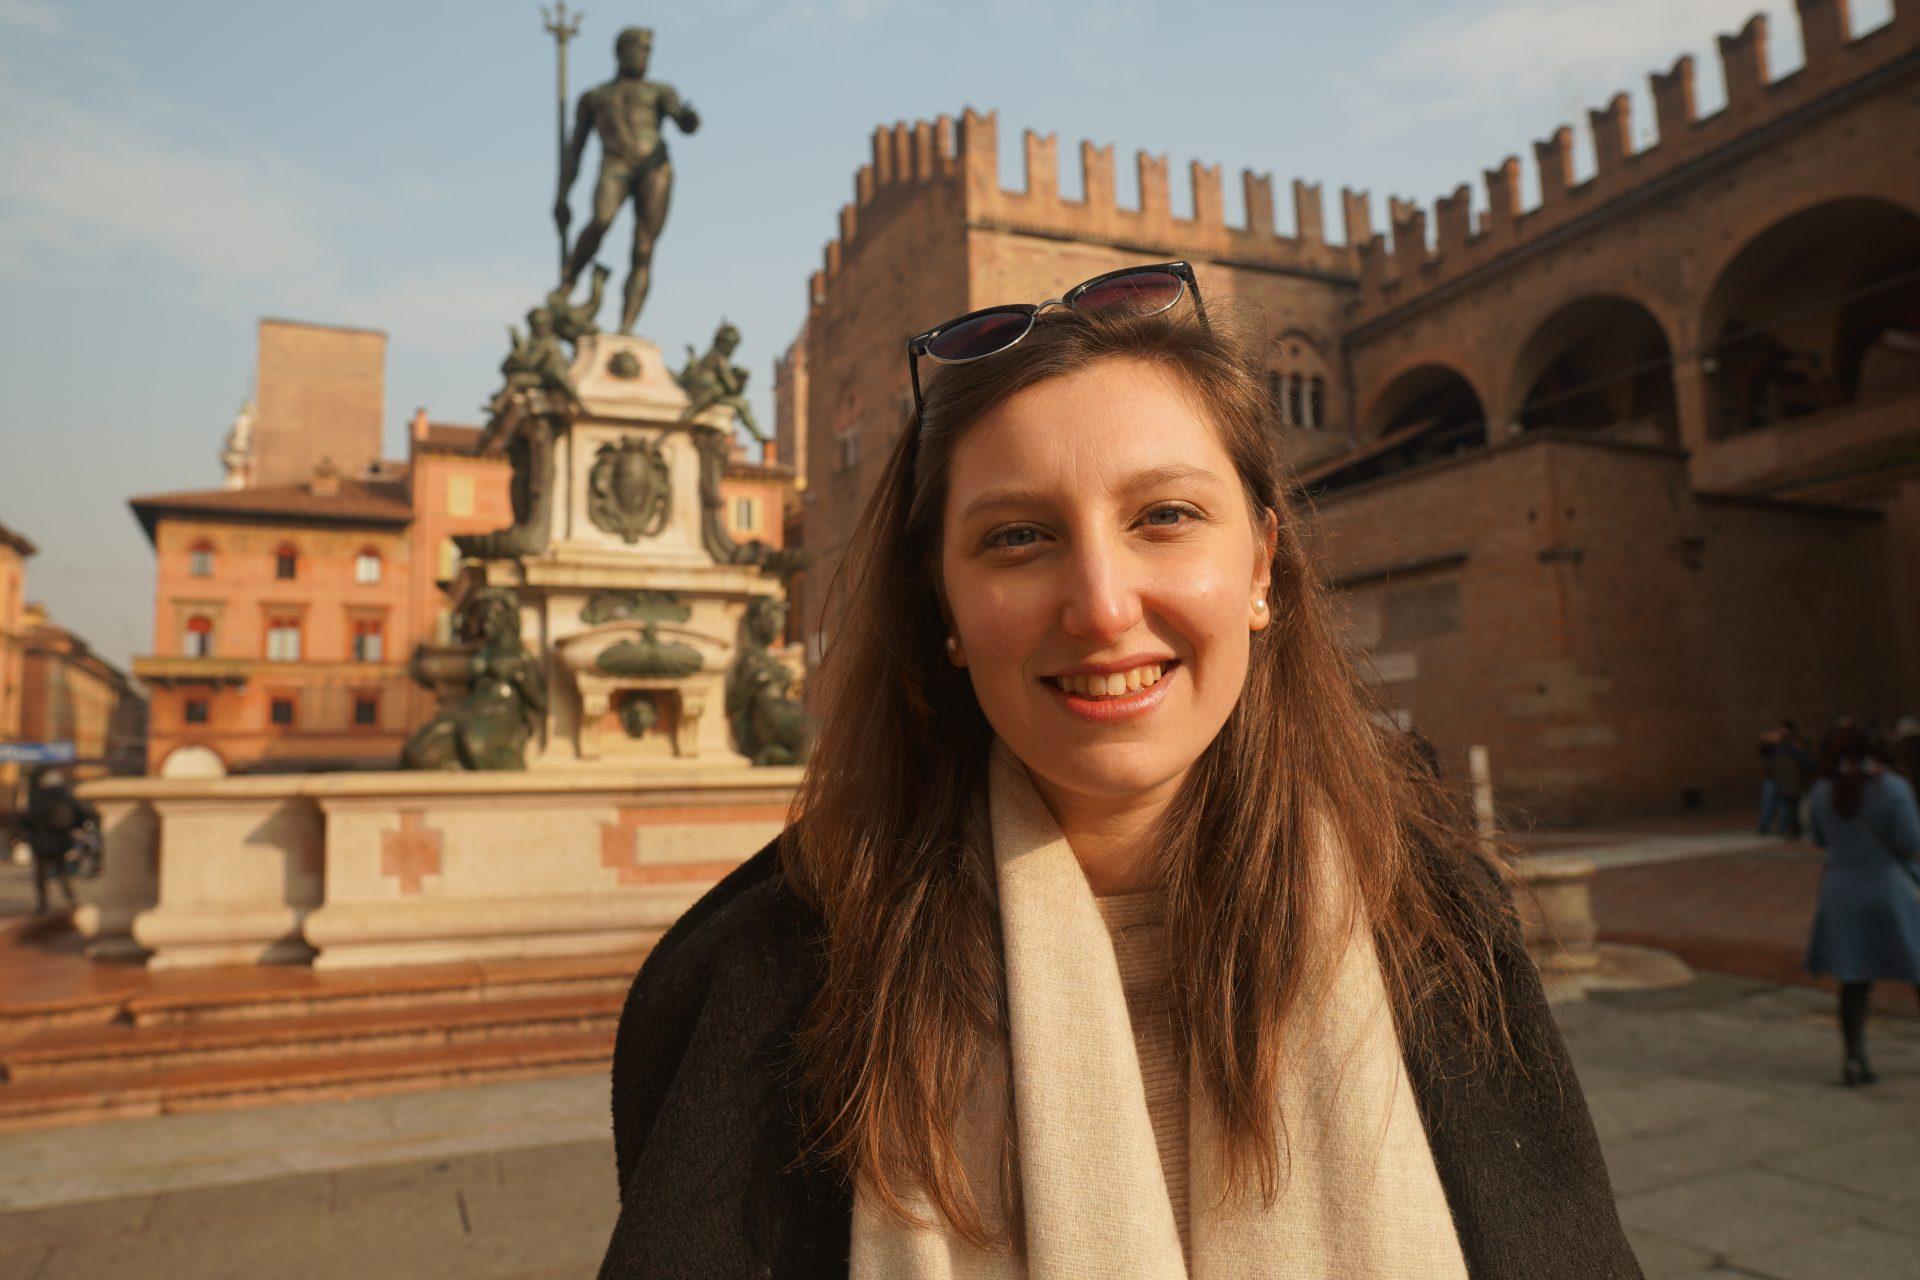 Cosa vedere a Bologna Arte e musei - Piazza del Nettuno Bologna